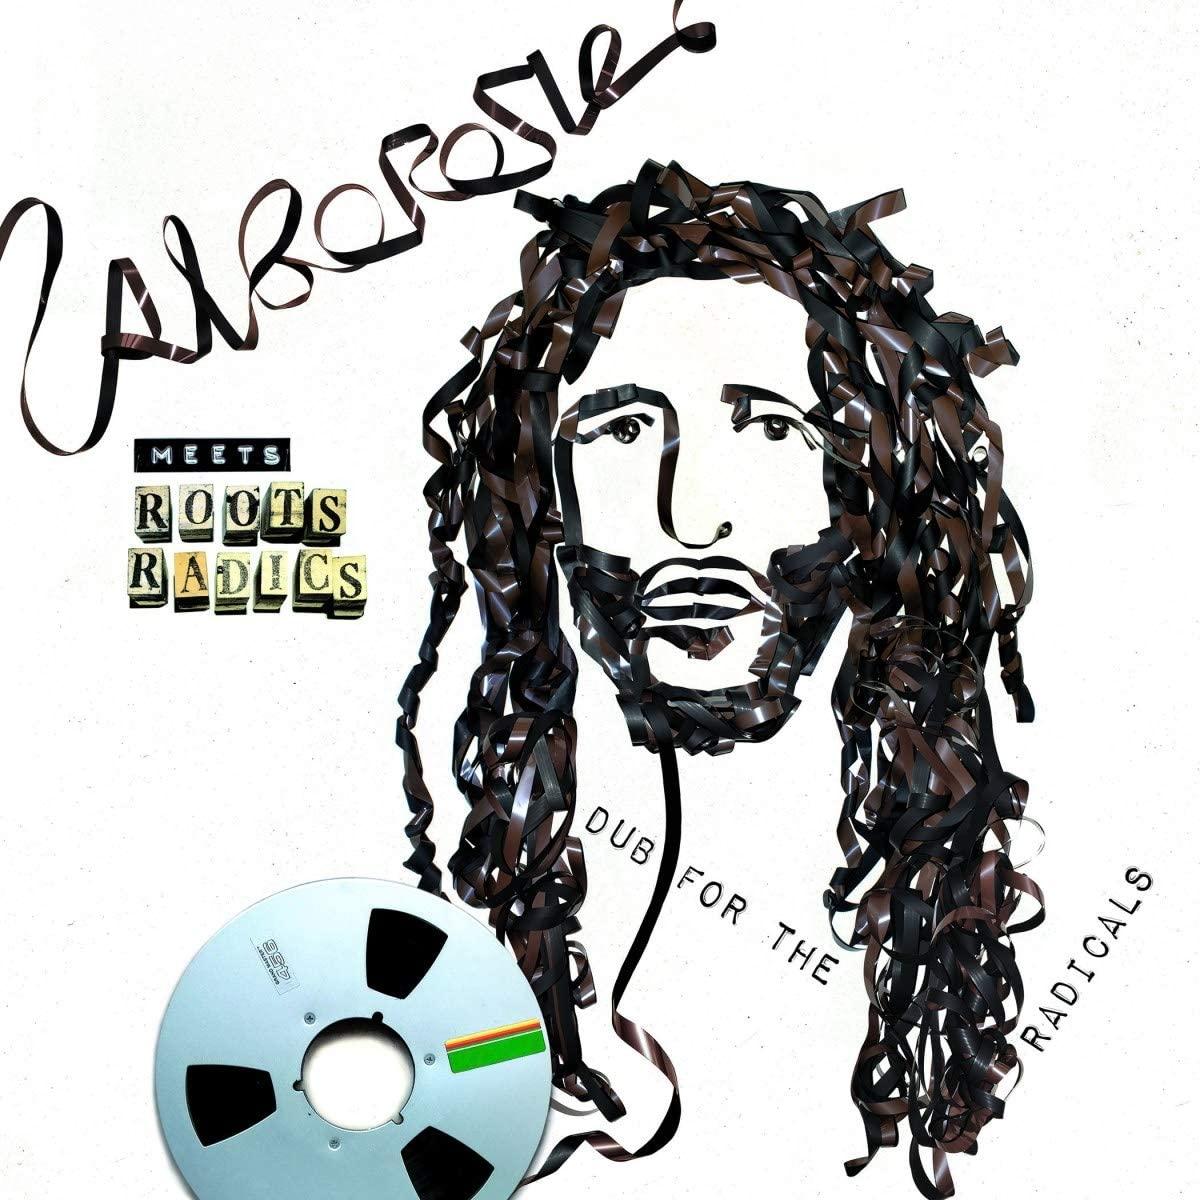 Alborosie Meets Roots Radics - Dub For The Radicals